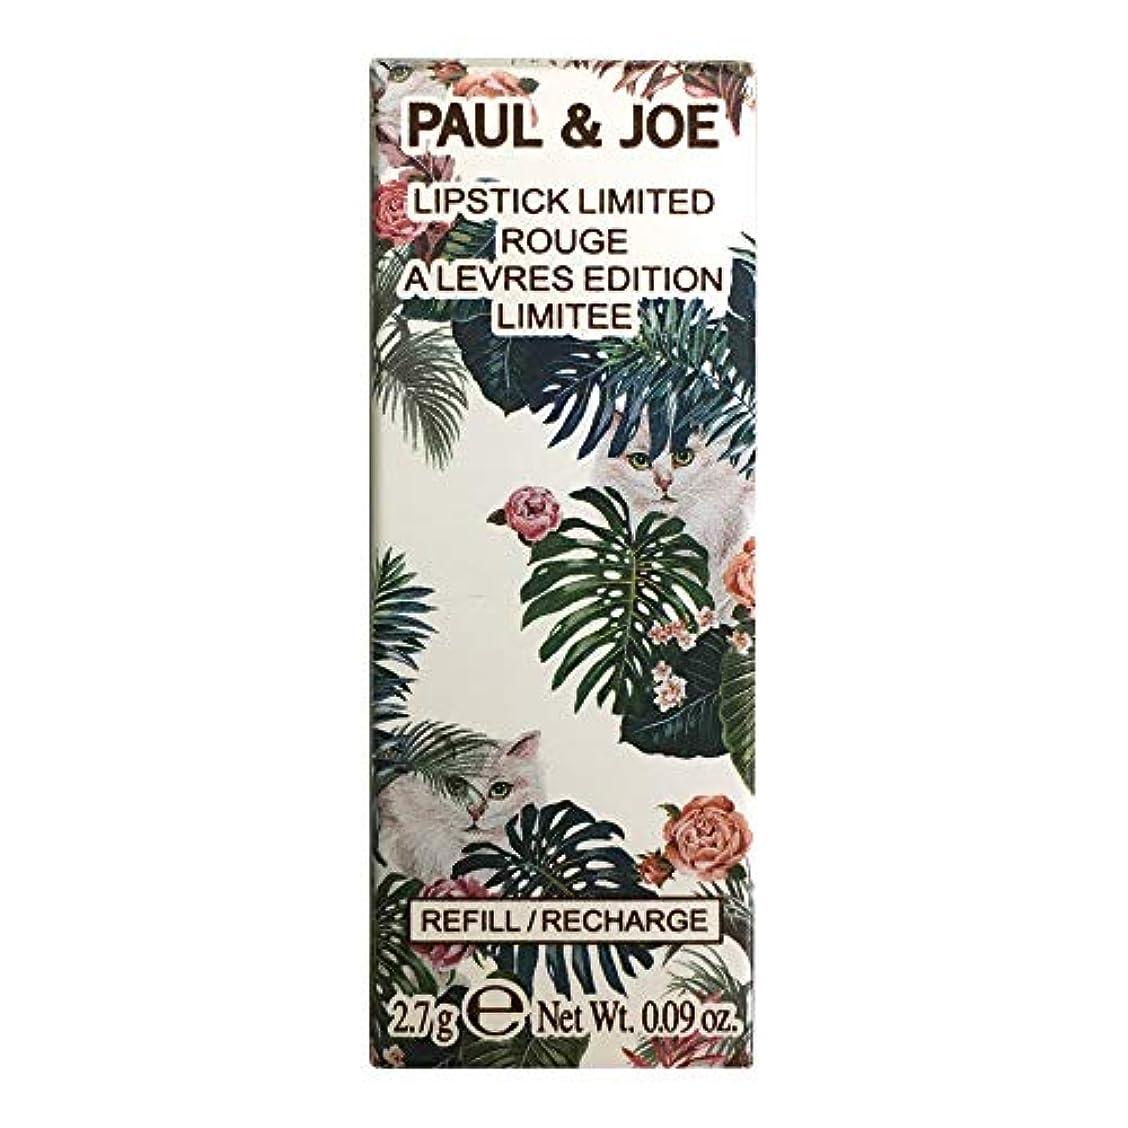 ポール & ジョー/PAUL & JOE リップスティック リミテッド #007(レフィル) (限定) [ 口紅 ] [並行輸入品]